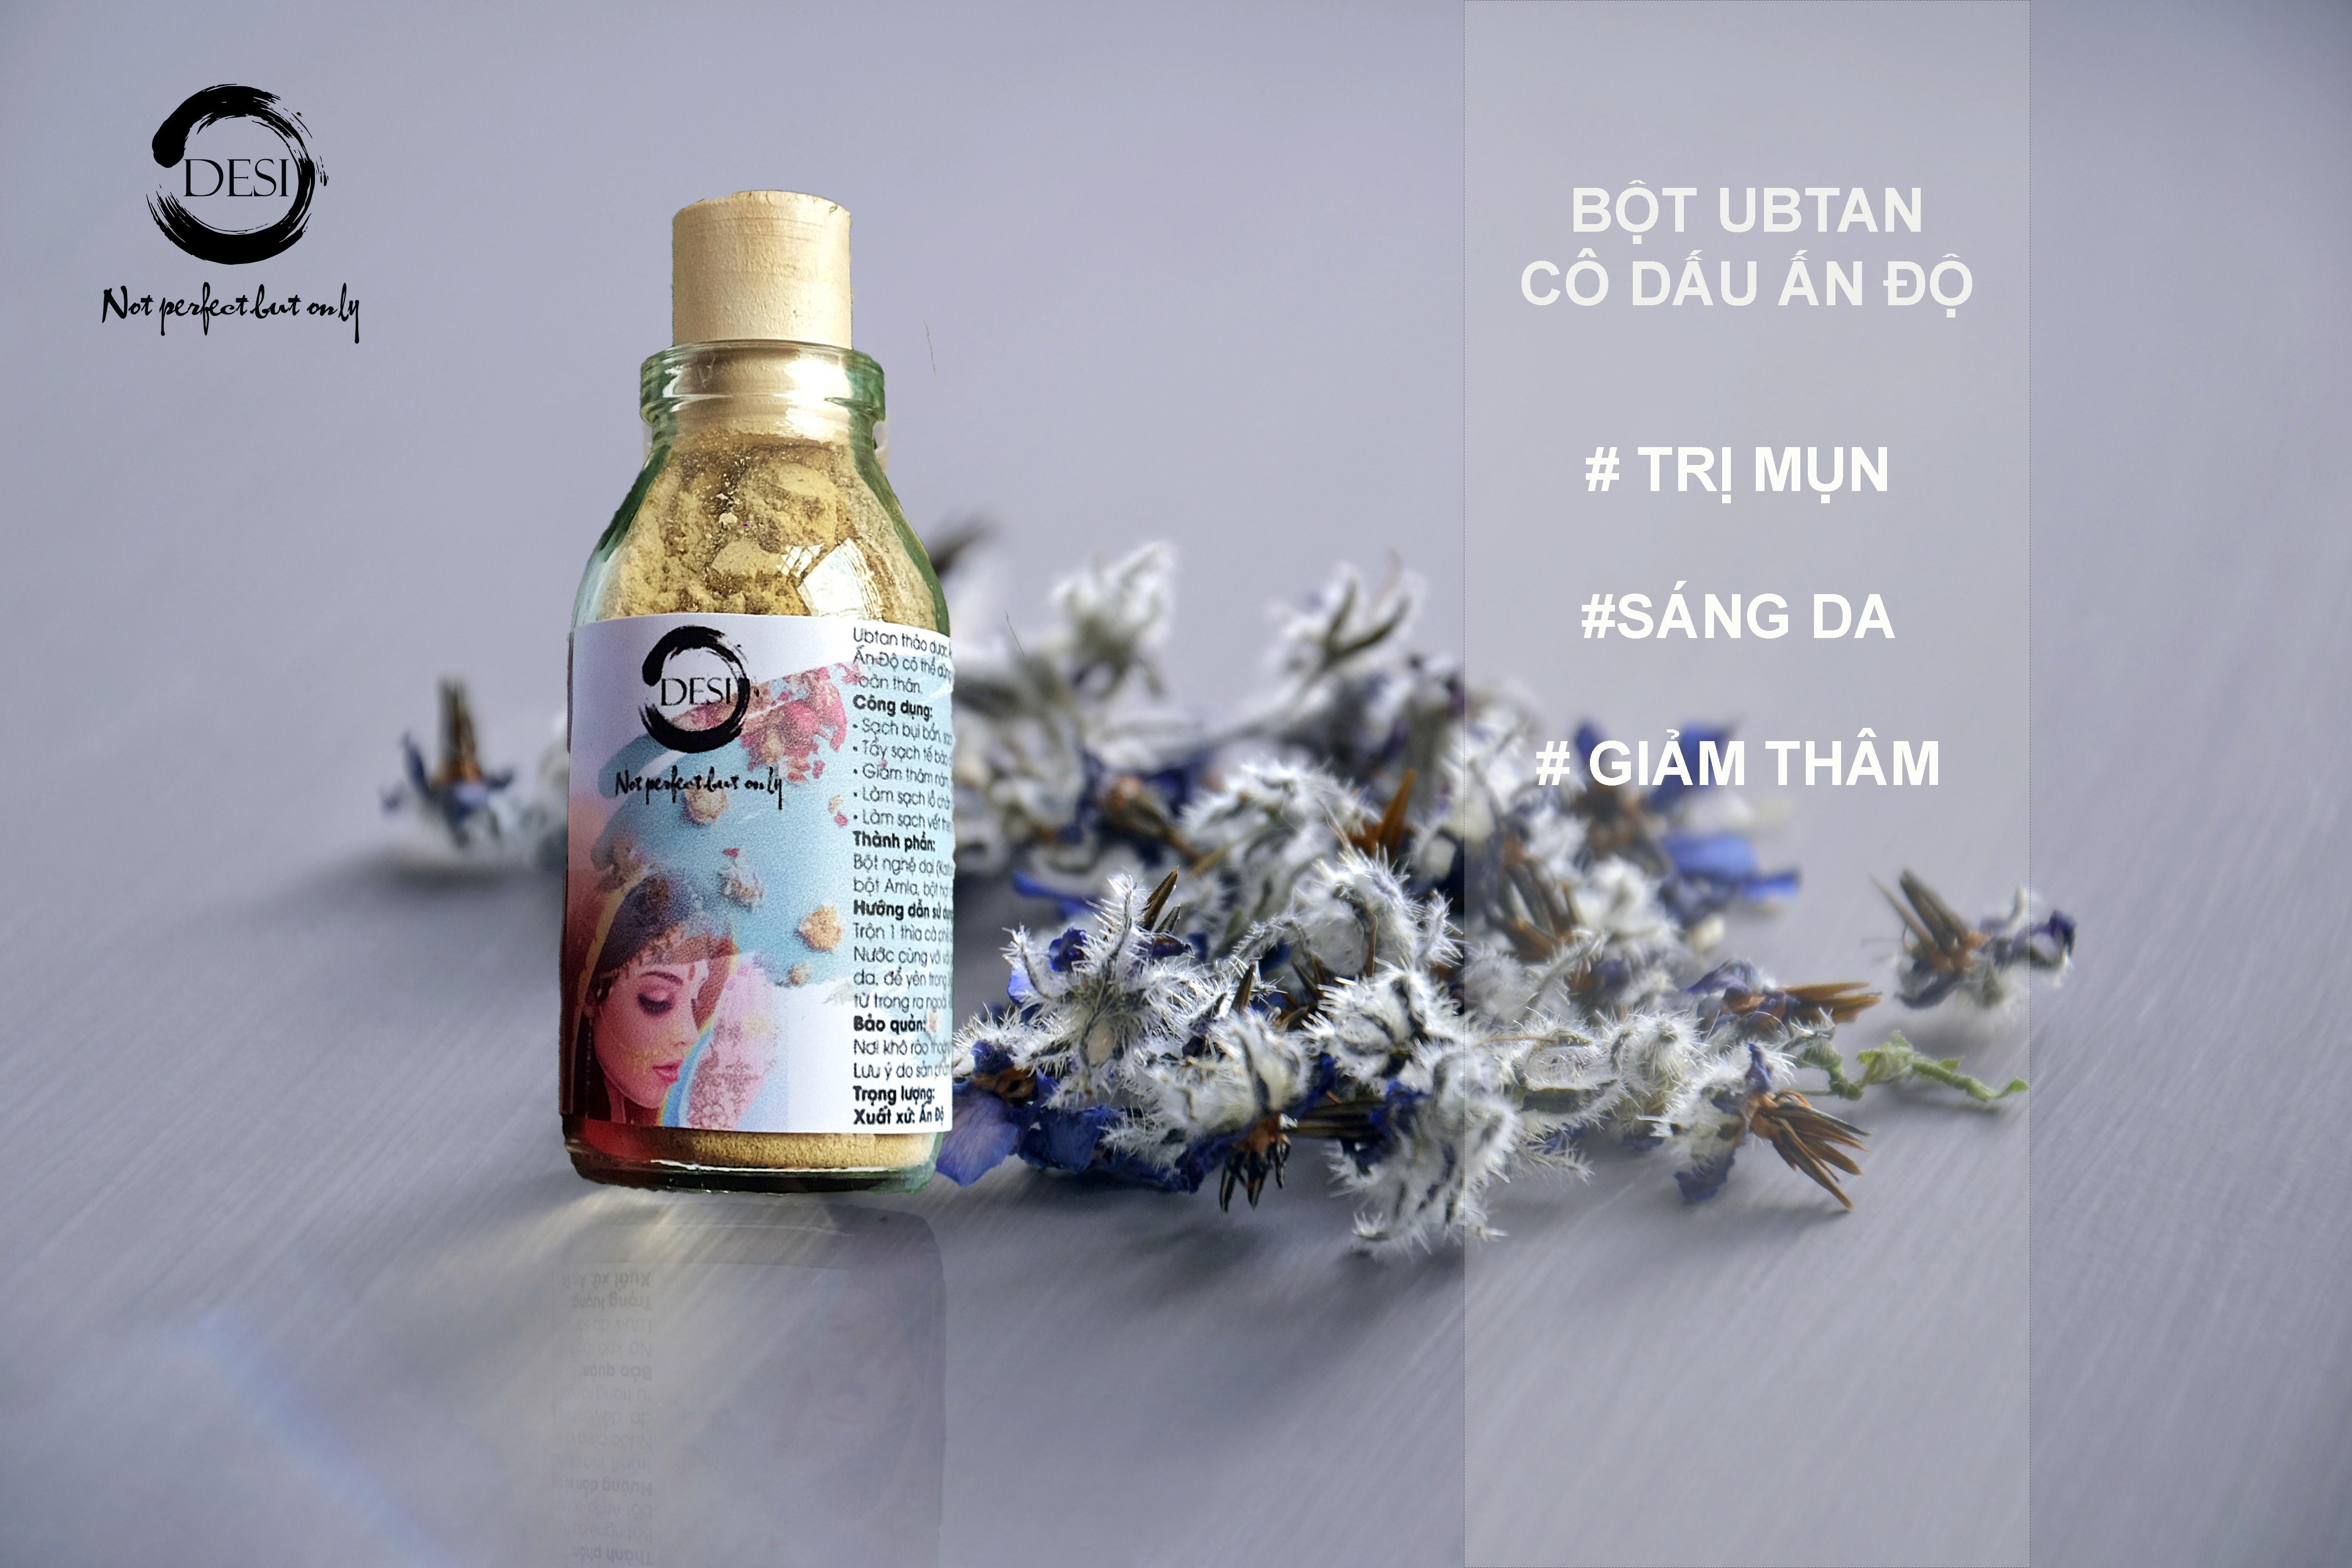 Công thức bí mật của bột Ubtan Ấn Độ